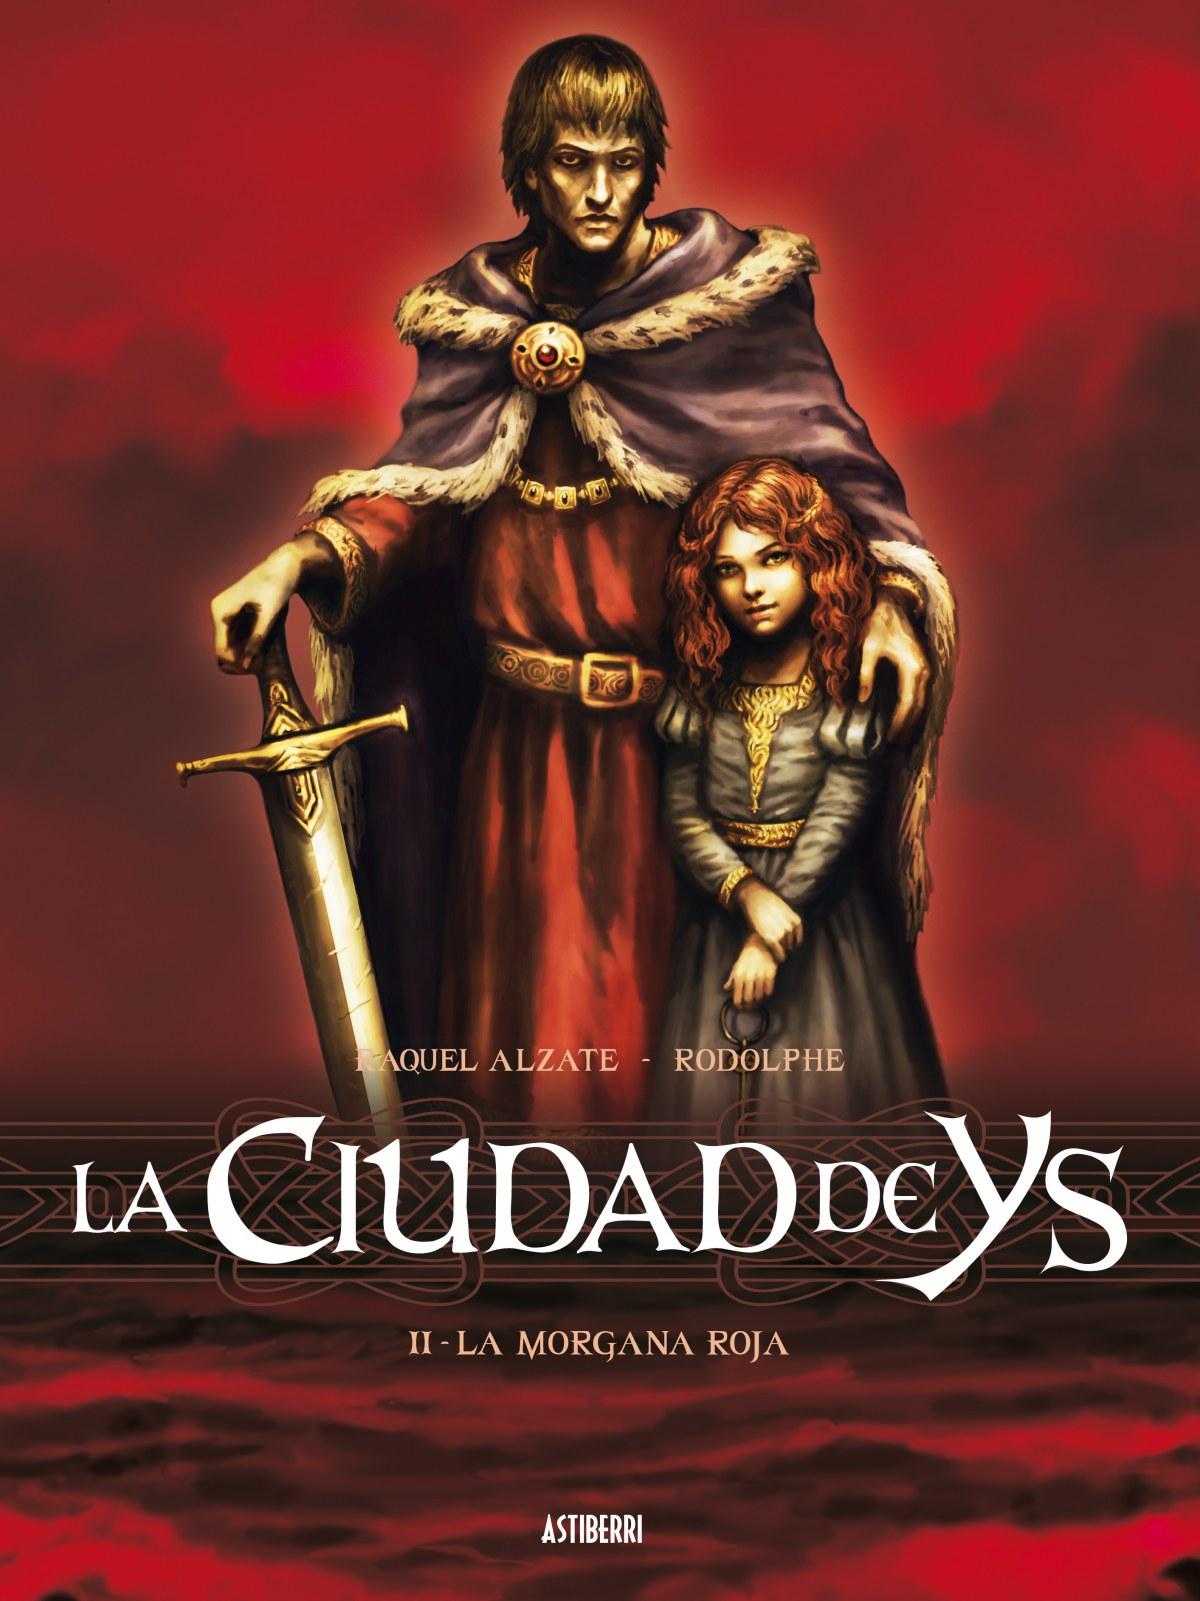 Ciudad De Ys, 2 Morgana Roja